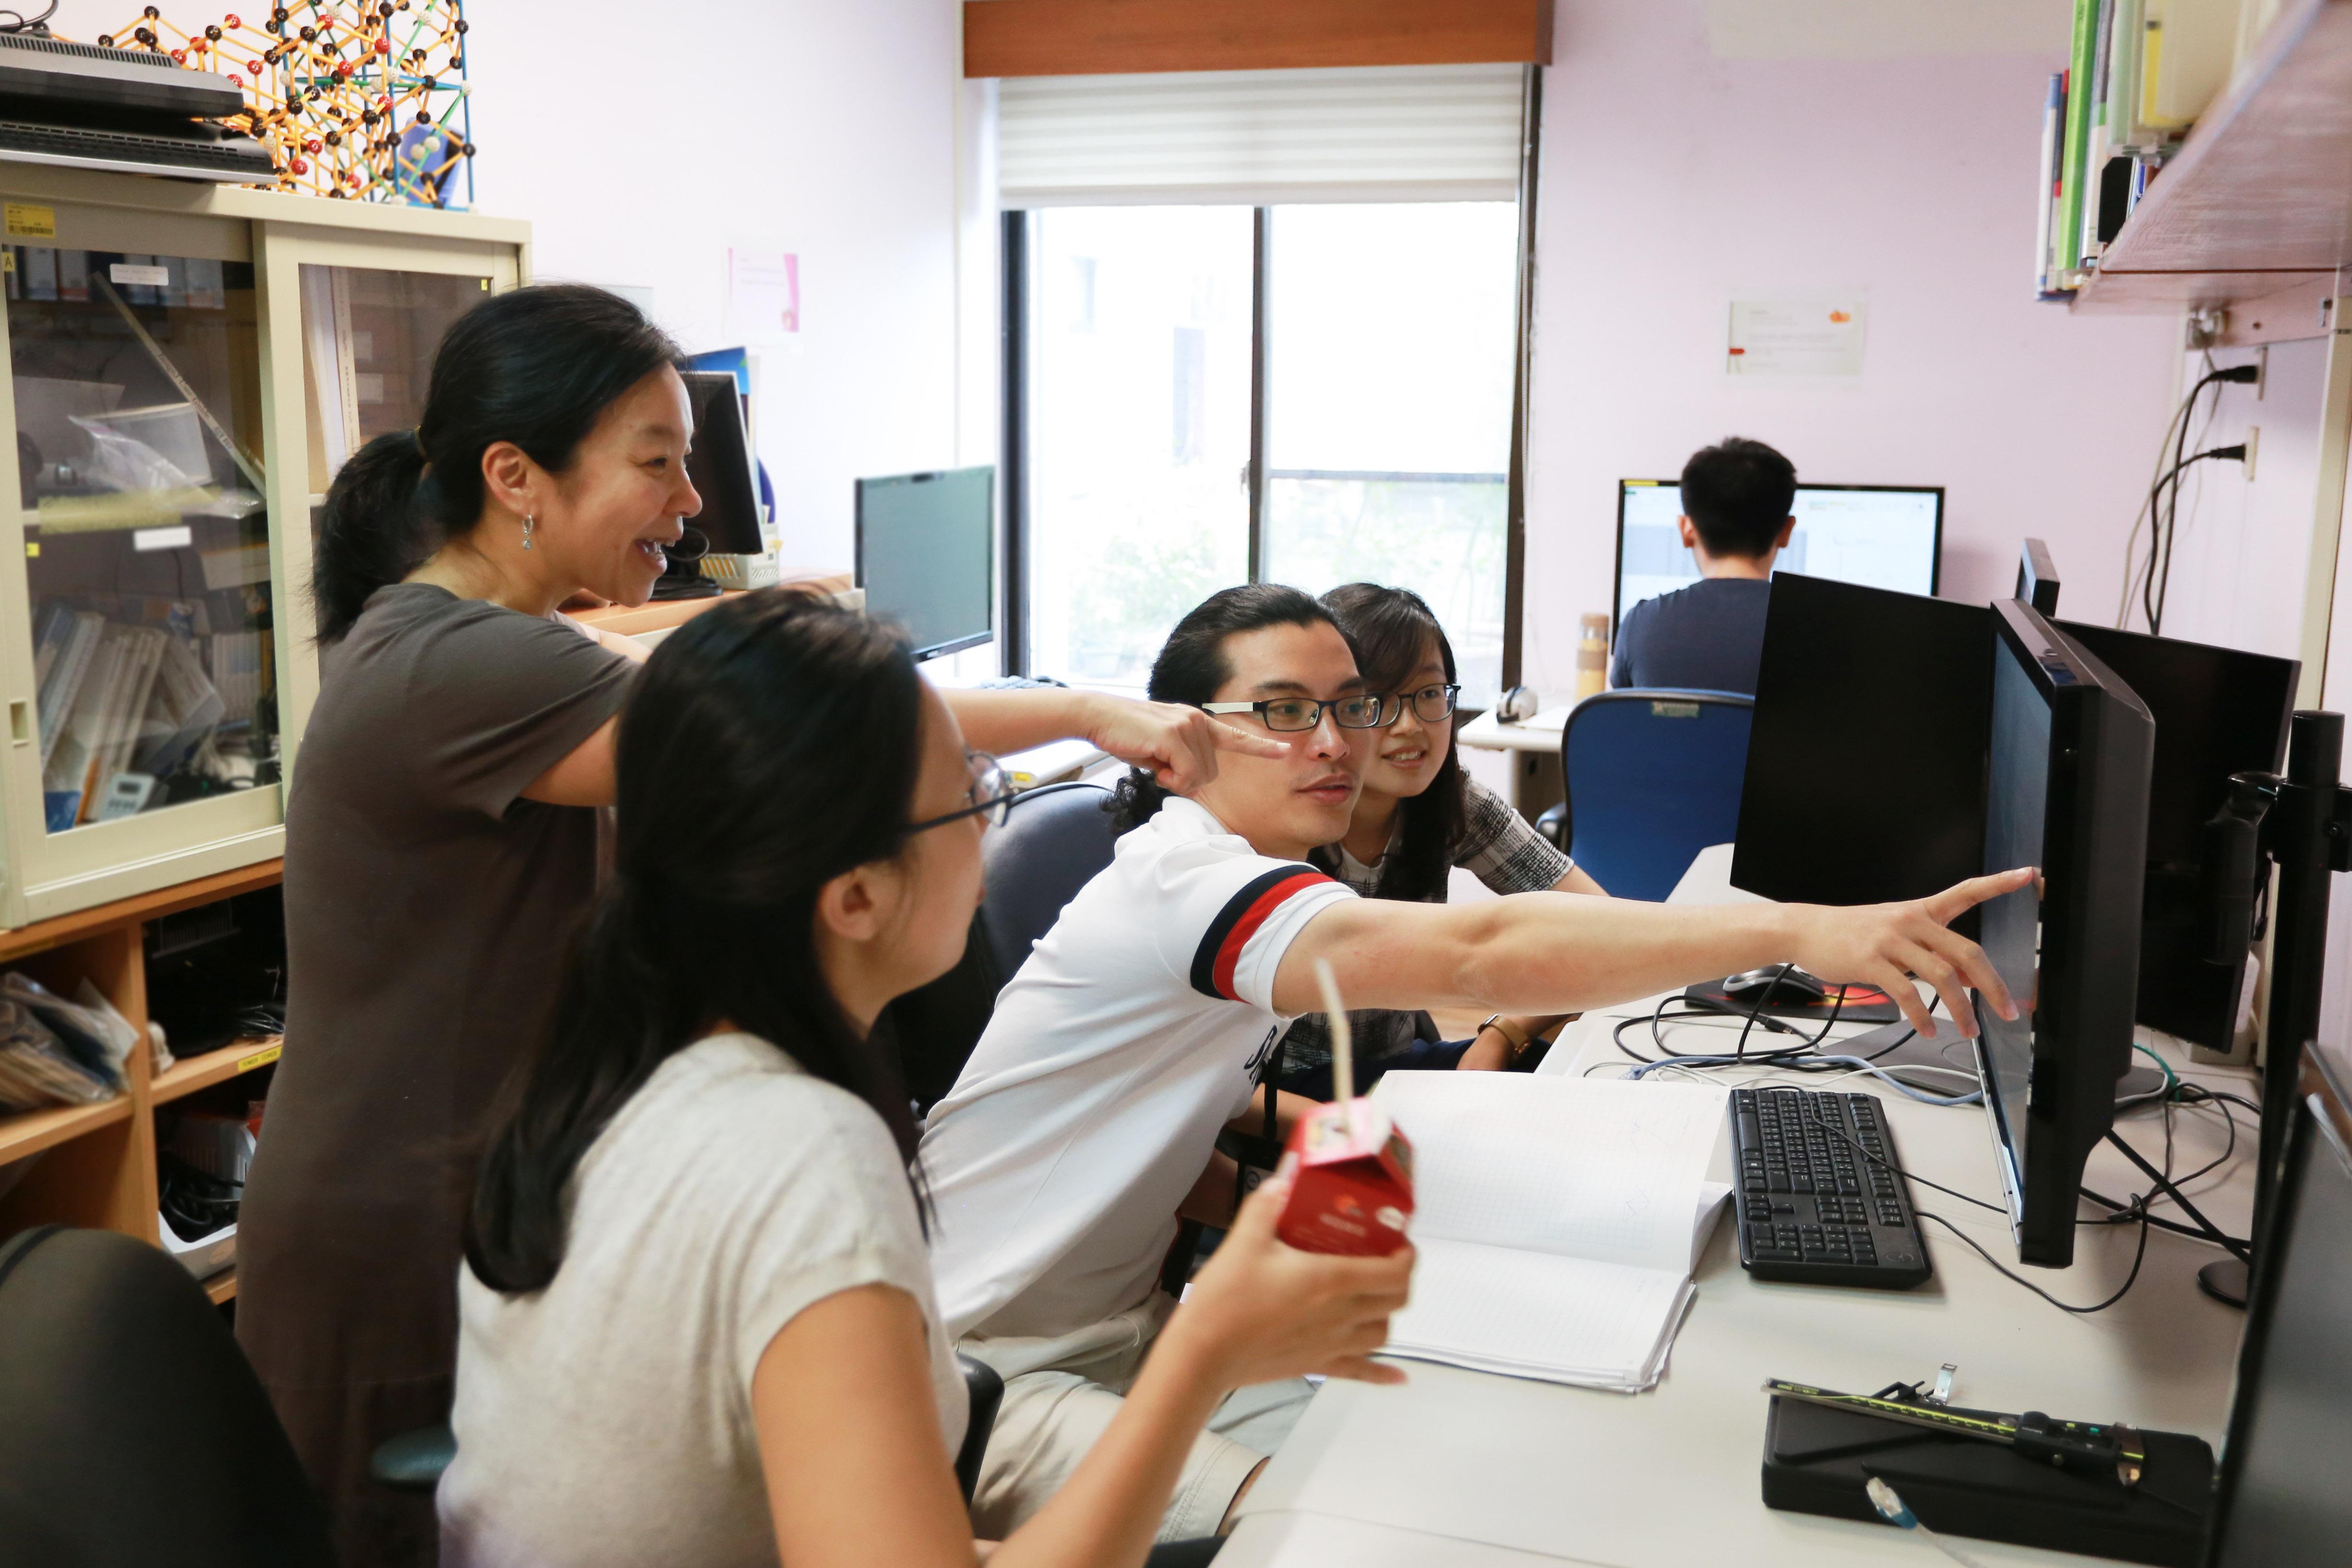 林耿慧笑說:帶領跨領域的實驗室比較累,有時學生來實驗室前沒有足夠的背景「常識」,更不用說非常少學生來實驗室前,就有足夠的背景「知識」。 攝影│張語辰